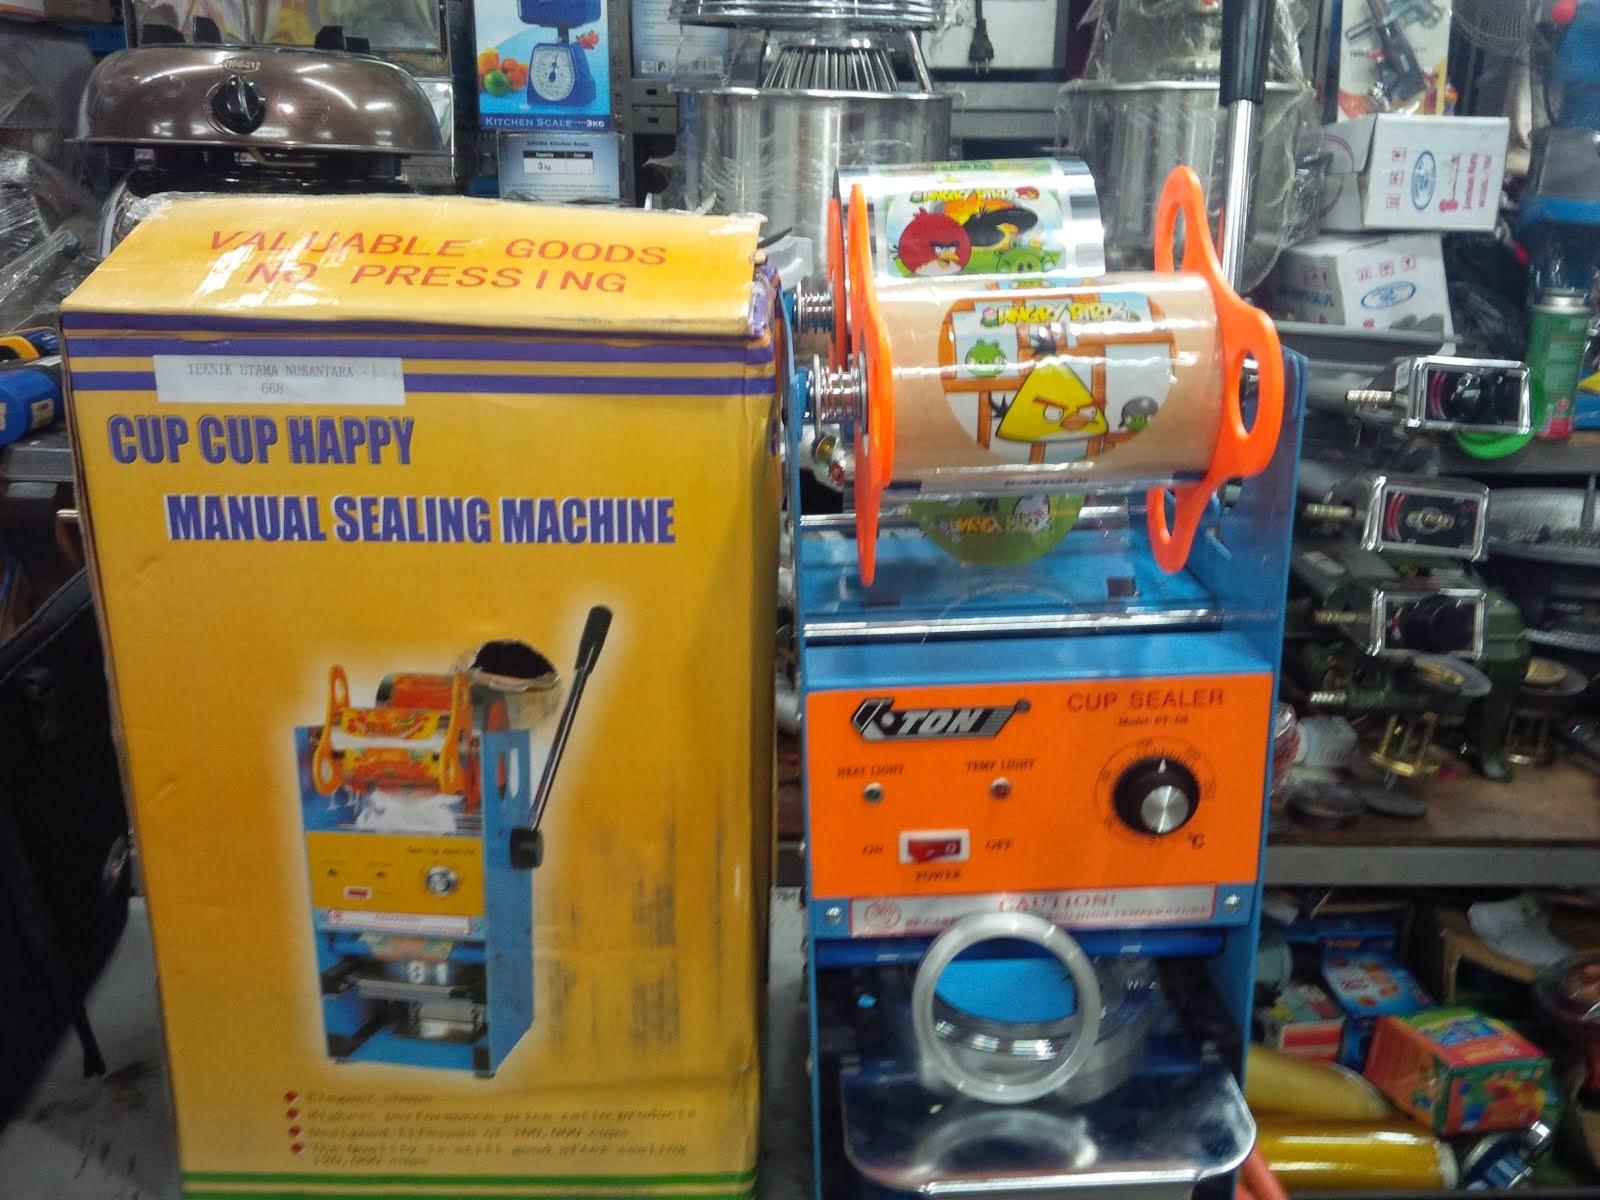 cara pemasangan lid plastik sealer  ke mesin cup sealer